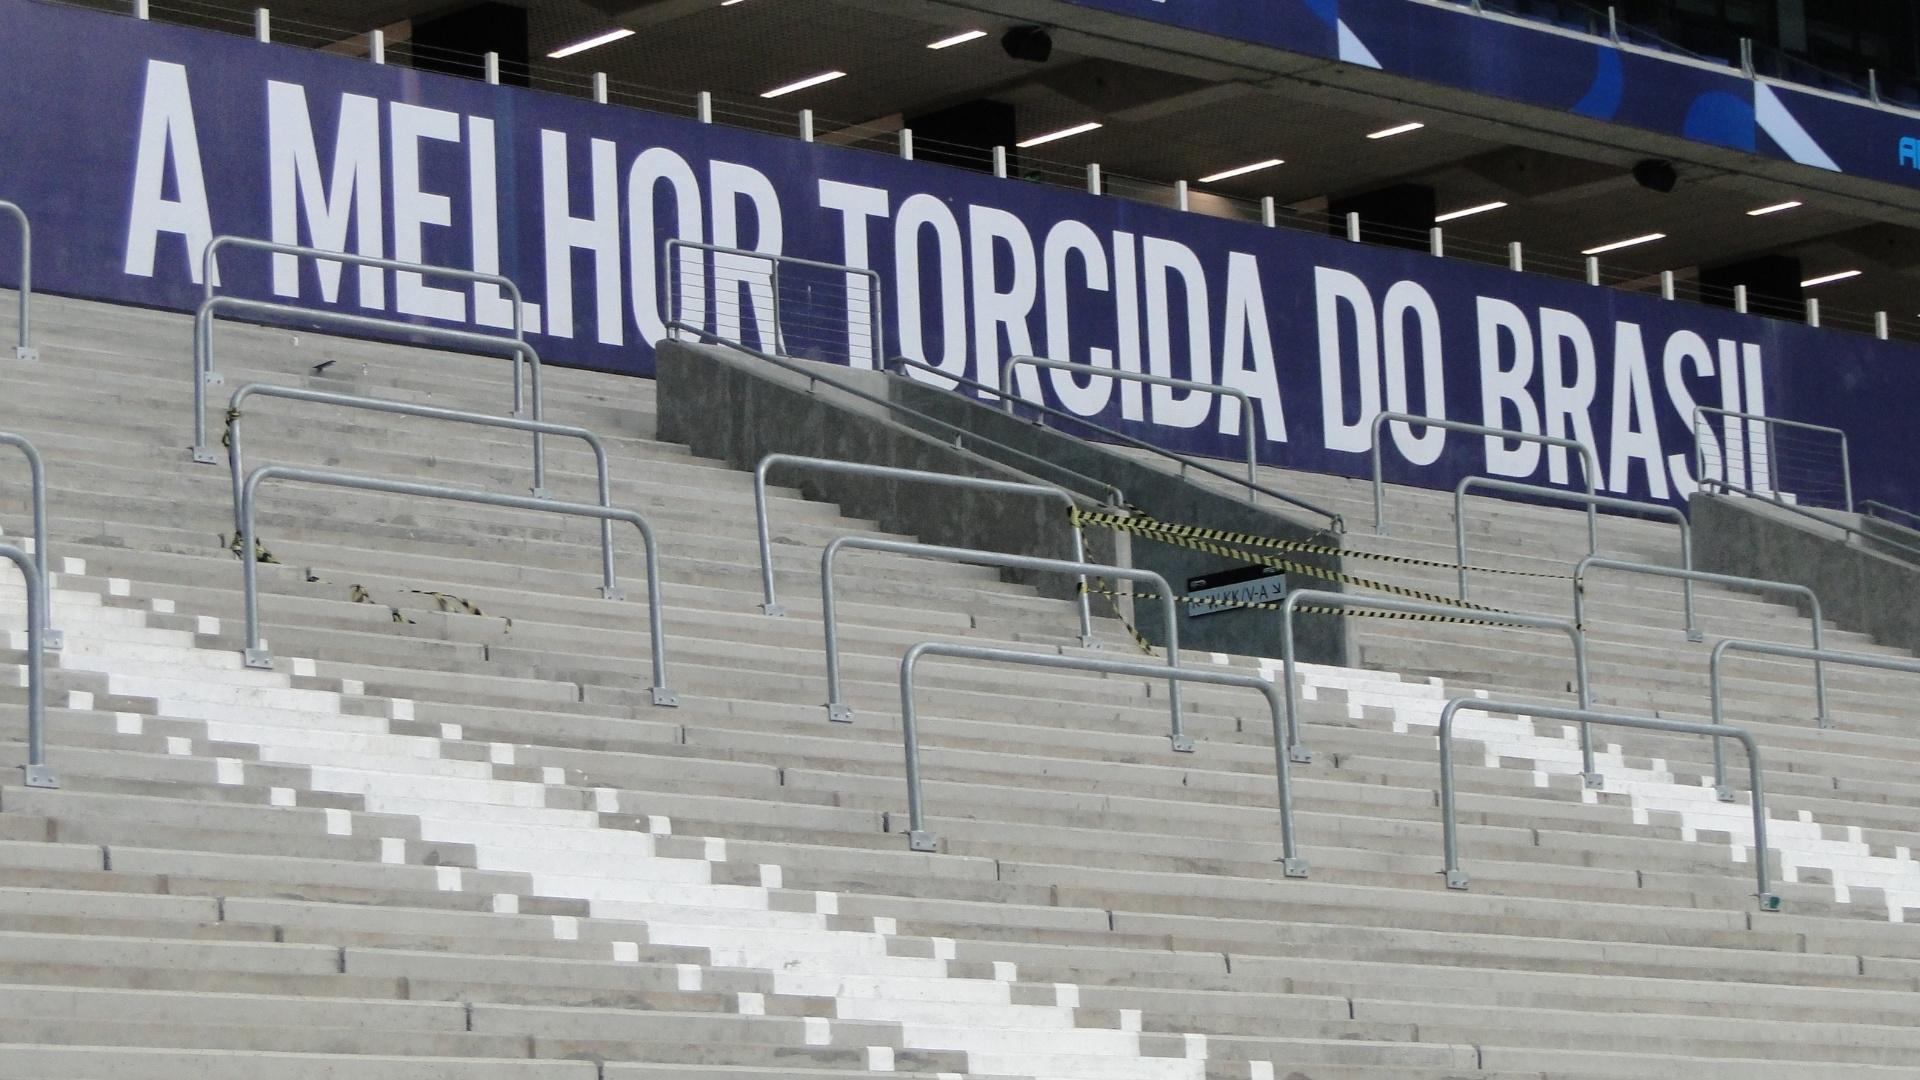 Barras anti-esmagamento da Arena do Grêmio que deverão ser instaladas em toda a área da torcida da Geral (arquivo)